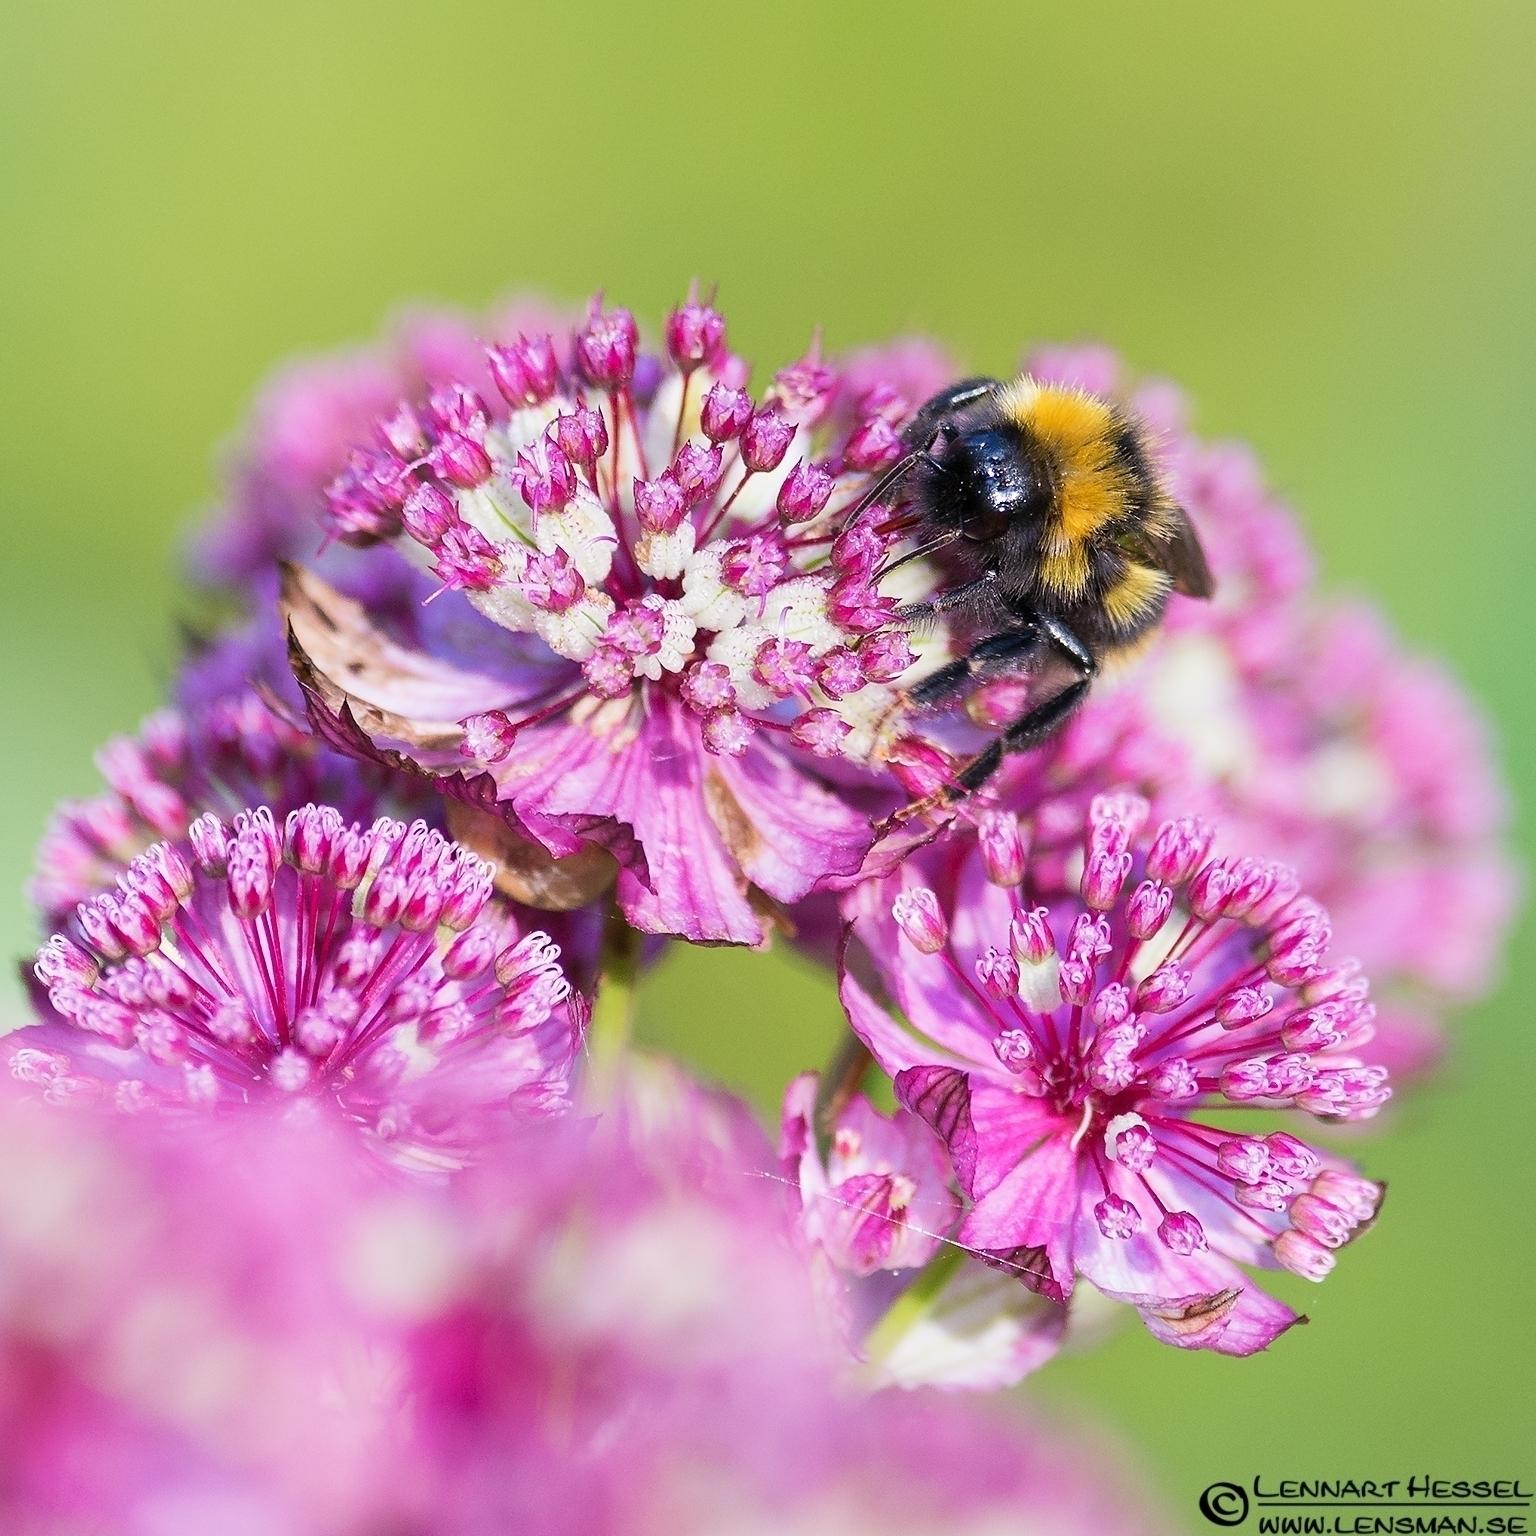 Bee sucking nectar